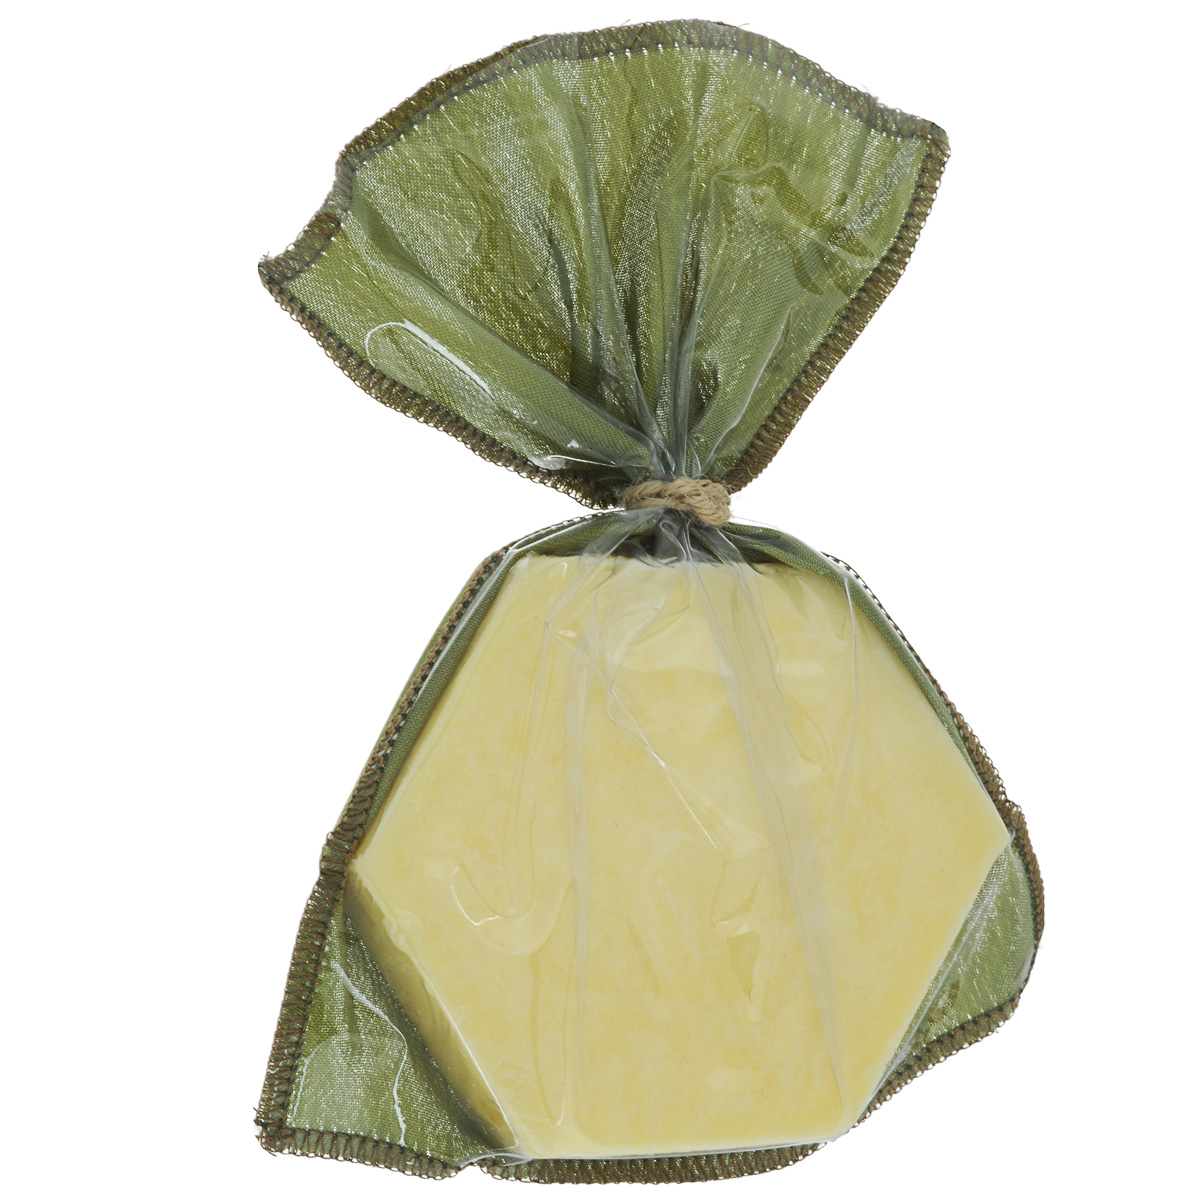 Зейтун Твёрдое массажное масло для тела №1 для всех типов кожи, 100 гFS-00897Нежно ухаживает за кожей, питает, увлажняет, насыщает её витаминами. При регулярном применении — стимулирует выработку собственного коллагена, подтягивает и разглаживает кожу, выравнивает цвет. Идеальное средство для уставшей кожи, быстро впитываясь, масло Зейтун активизирует обменные процессы, запускает механизм «экстренной регенерации». Не оставляет следов на белье, обладает лёгким, но роскошным ароматом.